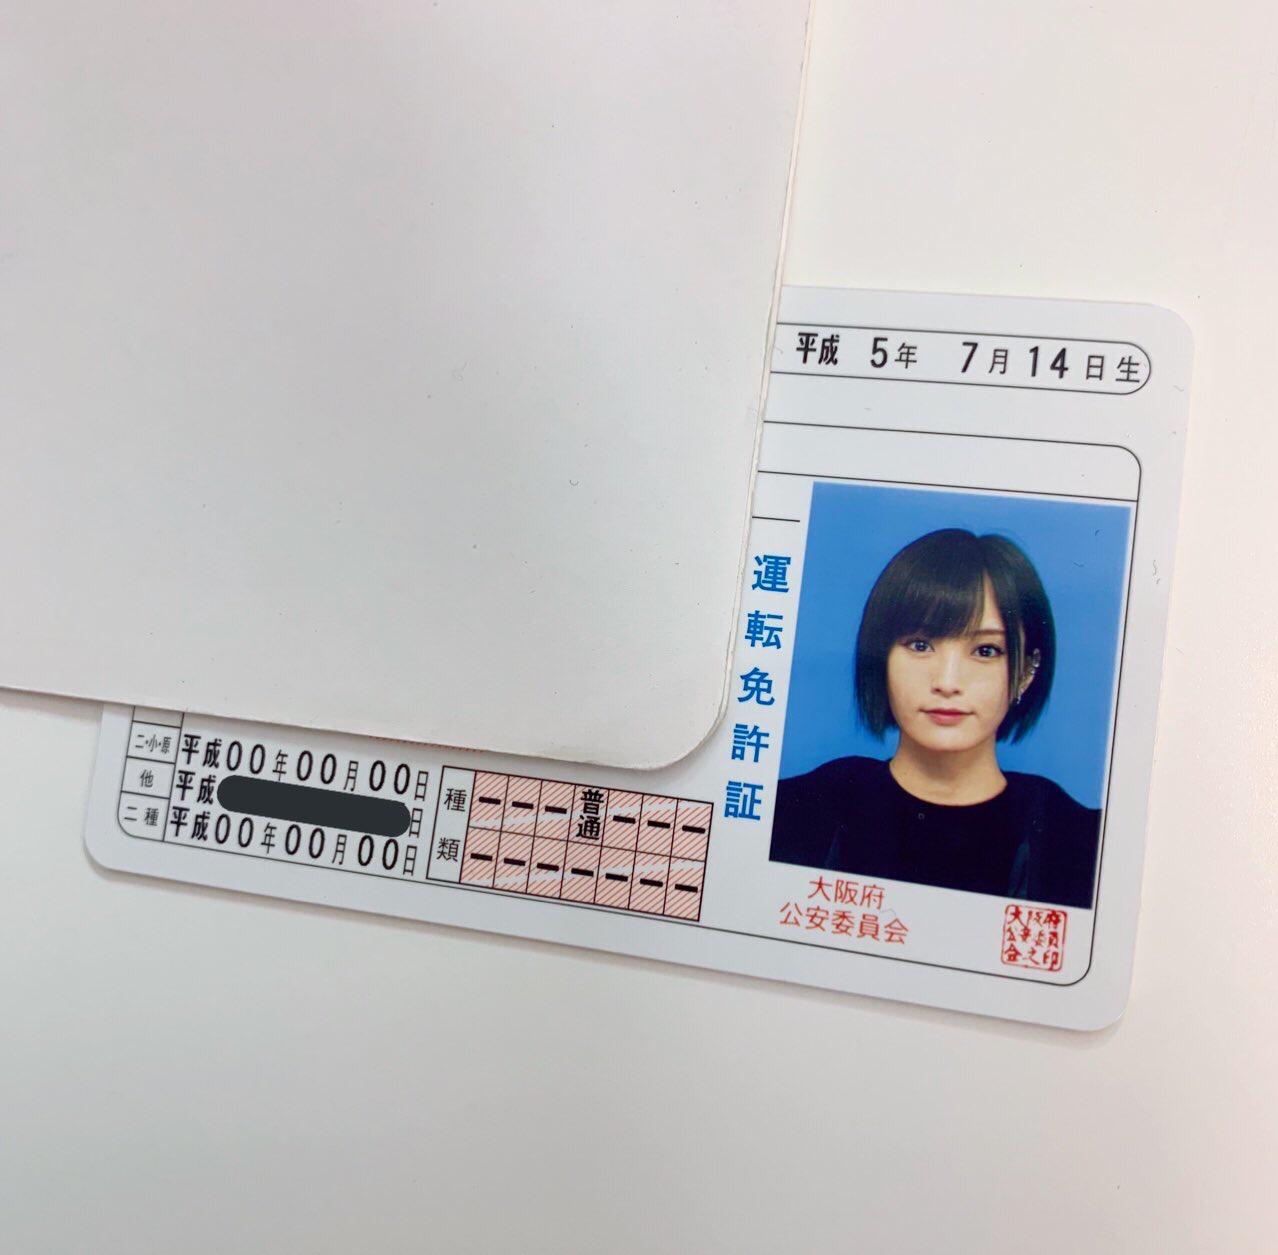 【画像】山本彩さんの免許証の写真www